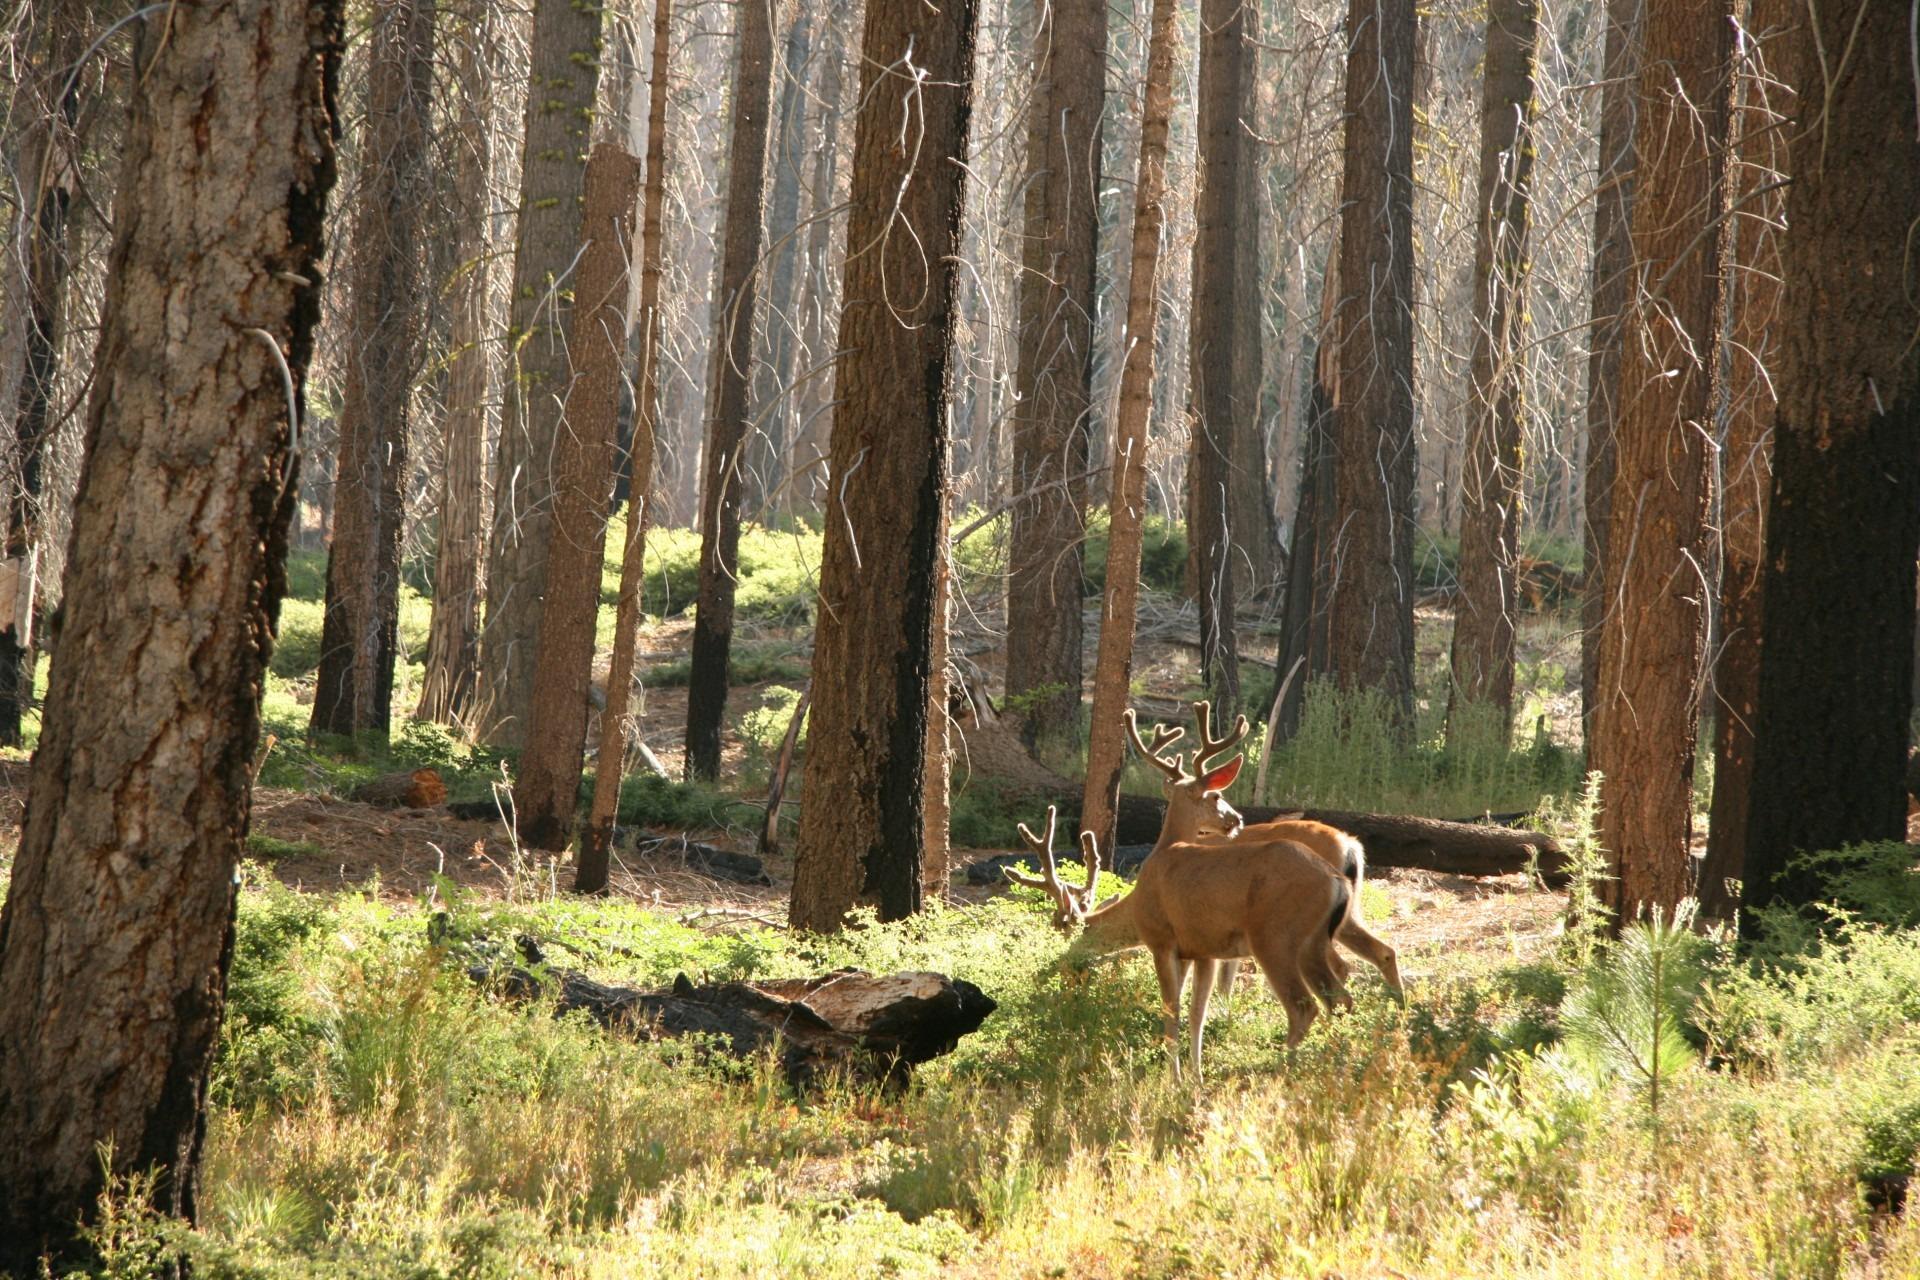 4300 Gambar Hewan Ekosistem Hutan Gratis